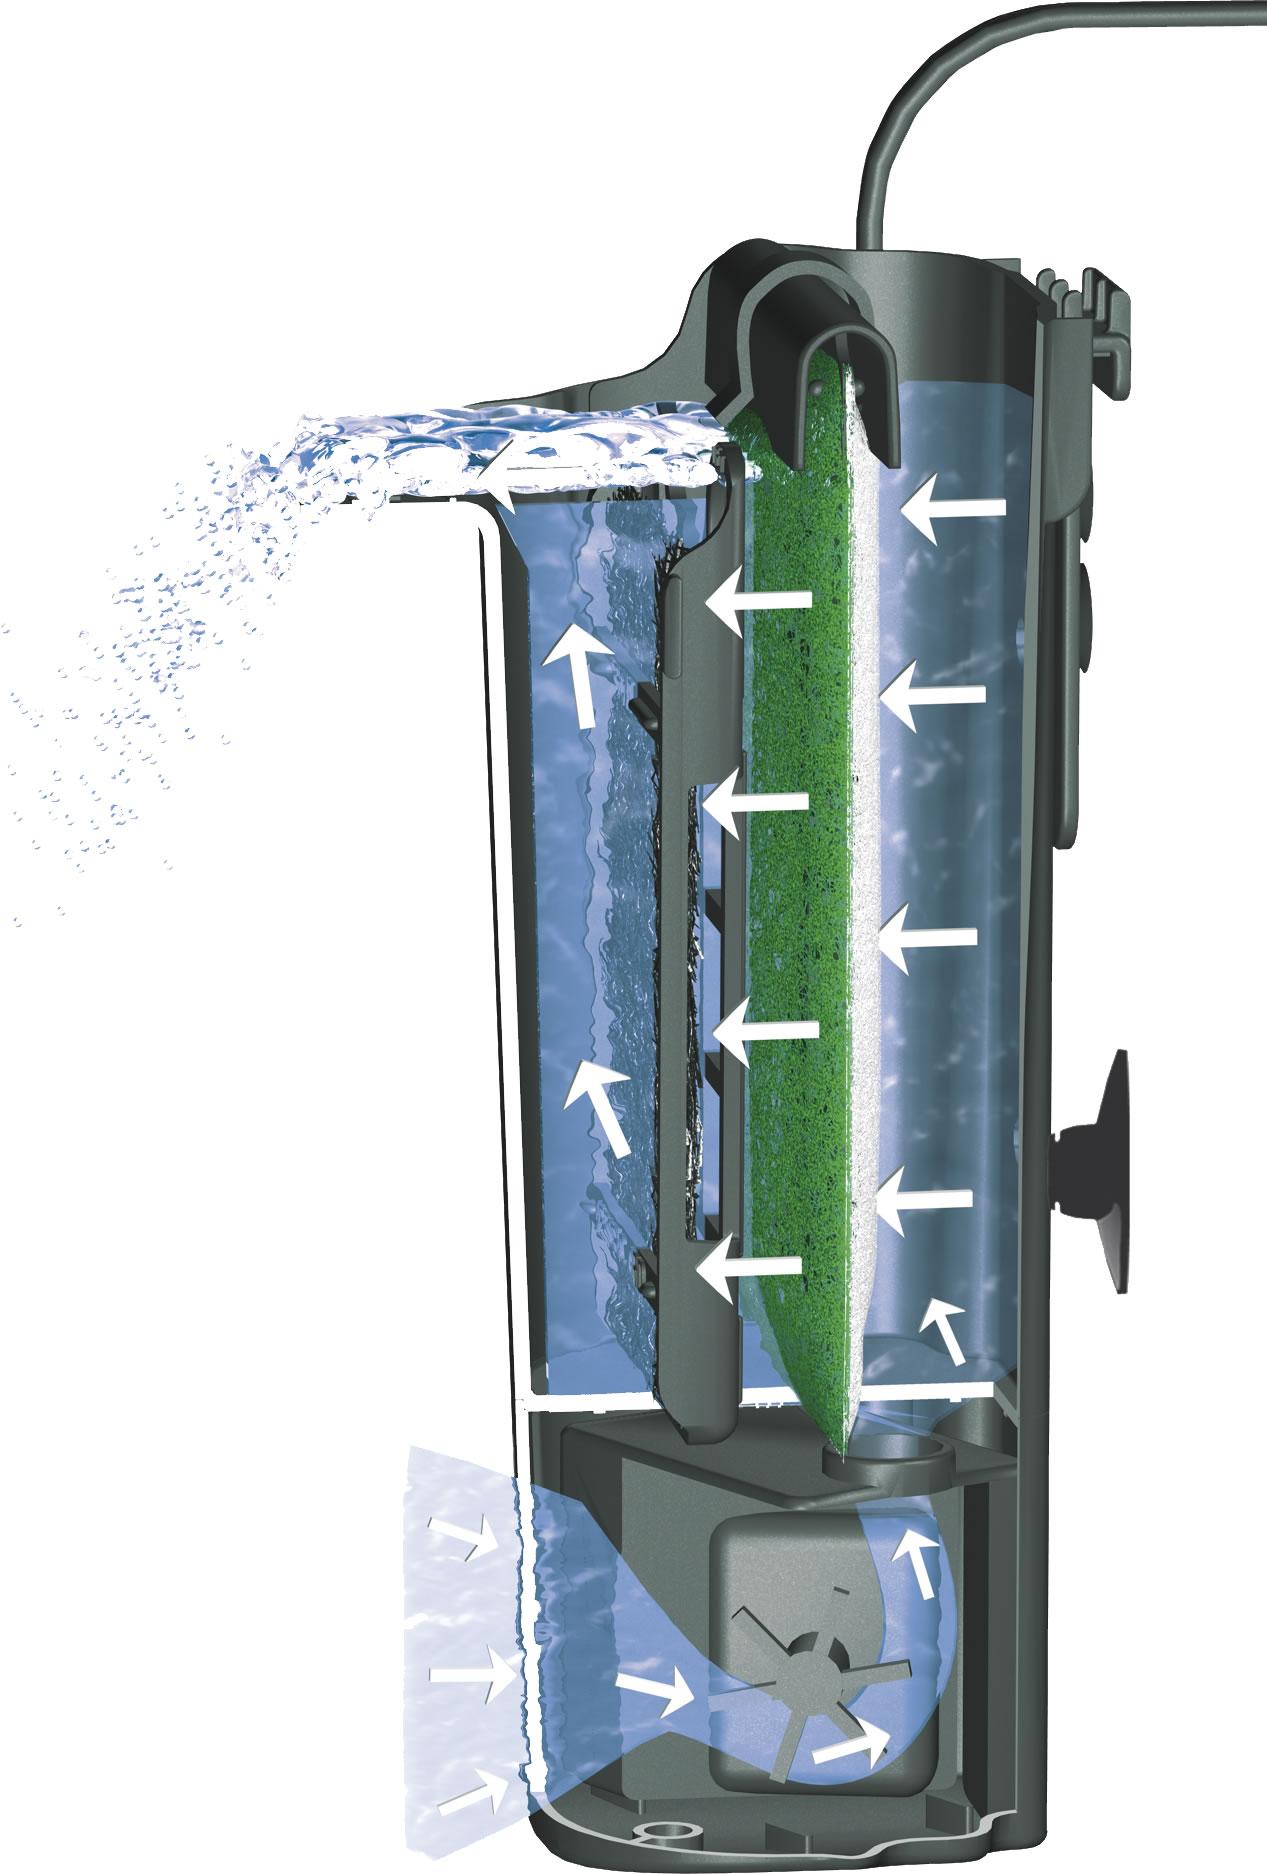 Tetratec easycrystal filter 250 for Aquarium innenfilter